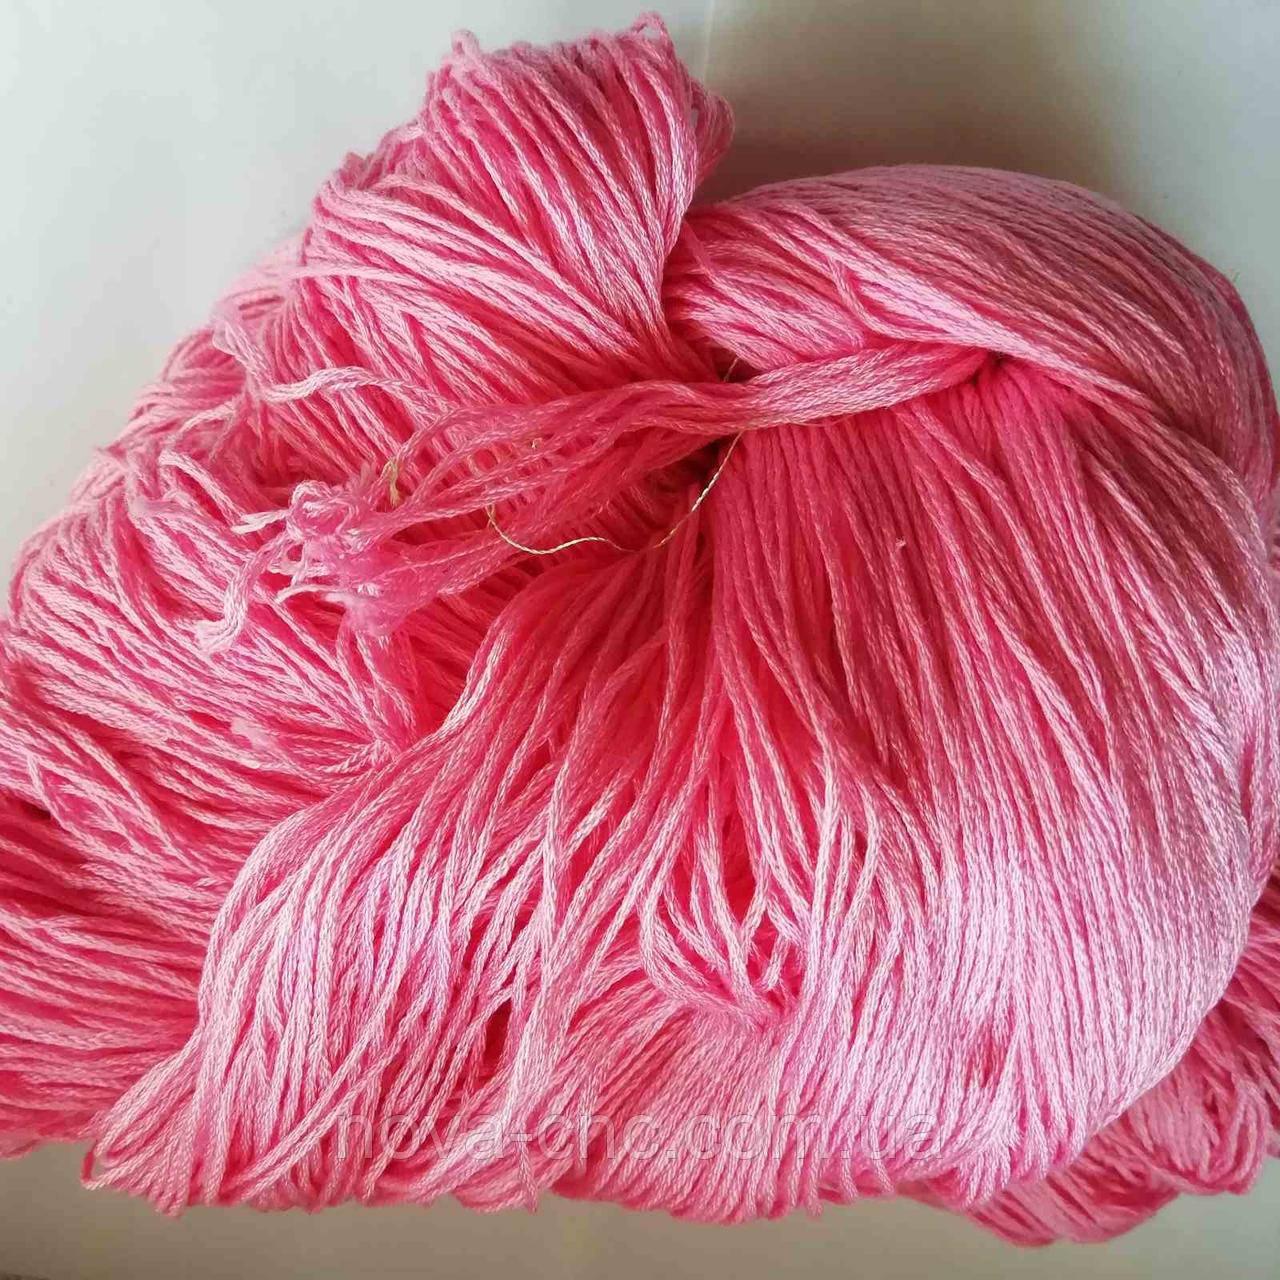 Нитки  Мулине Цвет розовый упаковка 240г.